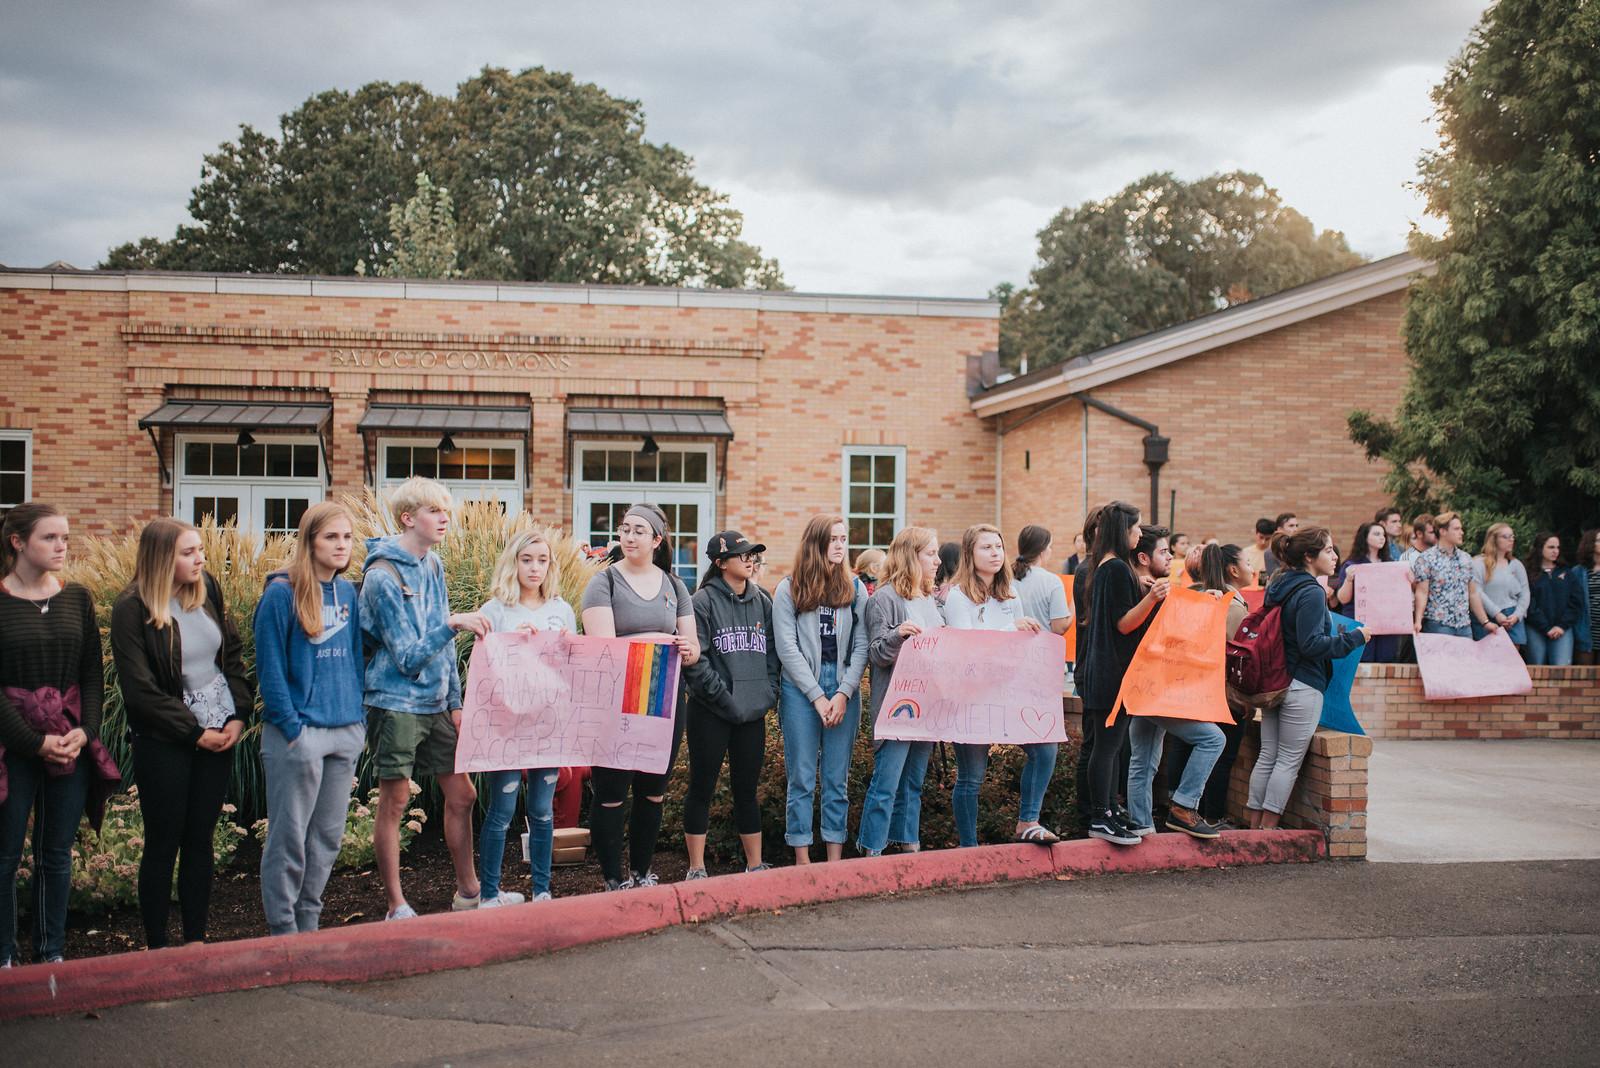 09.19.2018 LGBT Protest-2-X3.jpg